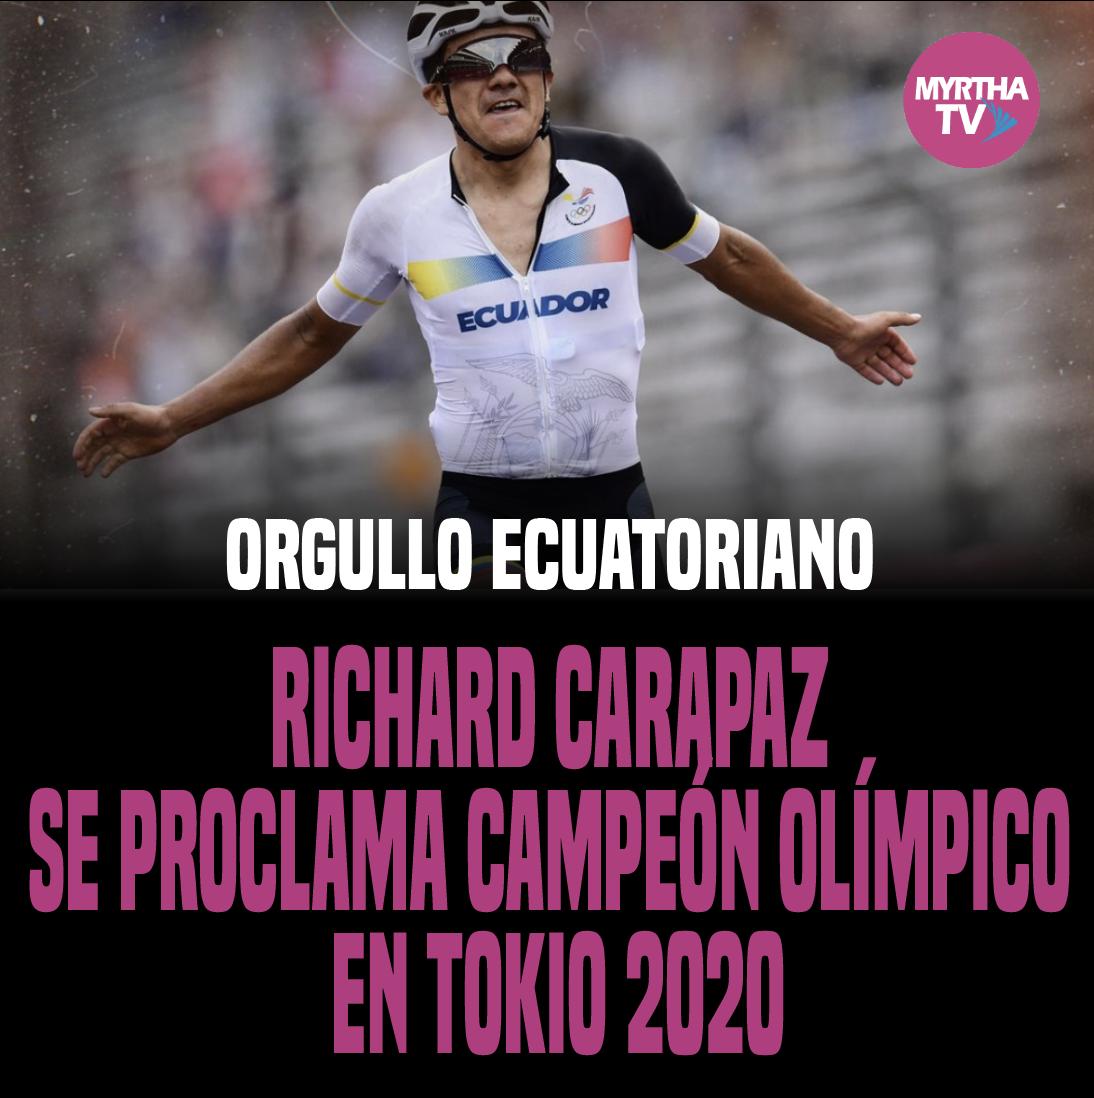 ORGULLO ECUATORIANO RICHARD CARAPAZ SE PROCLAMA CAMPEÓN OLÍMPICO  EN TOKIO 2020